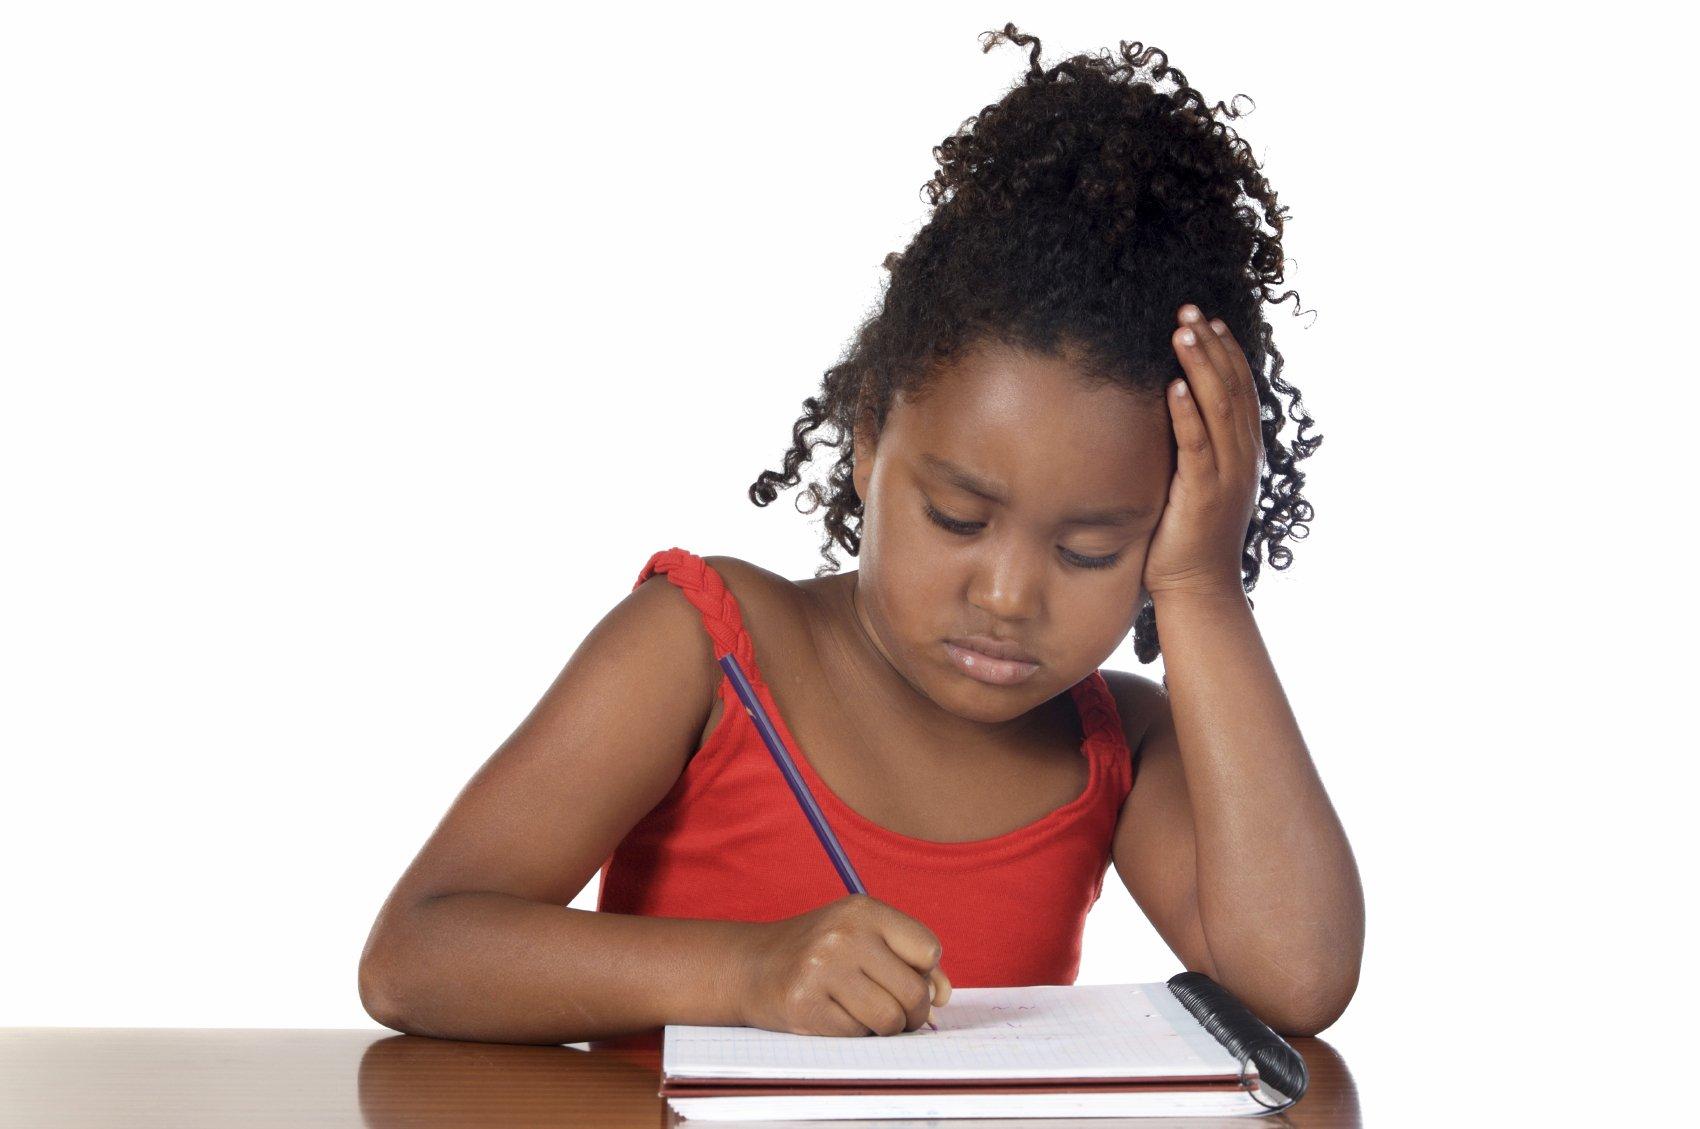 Big y homework helpline